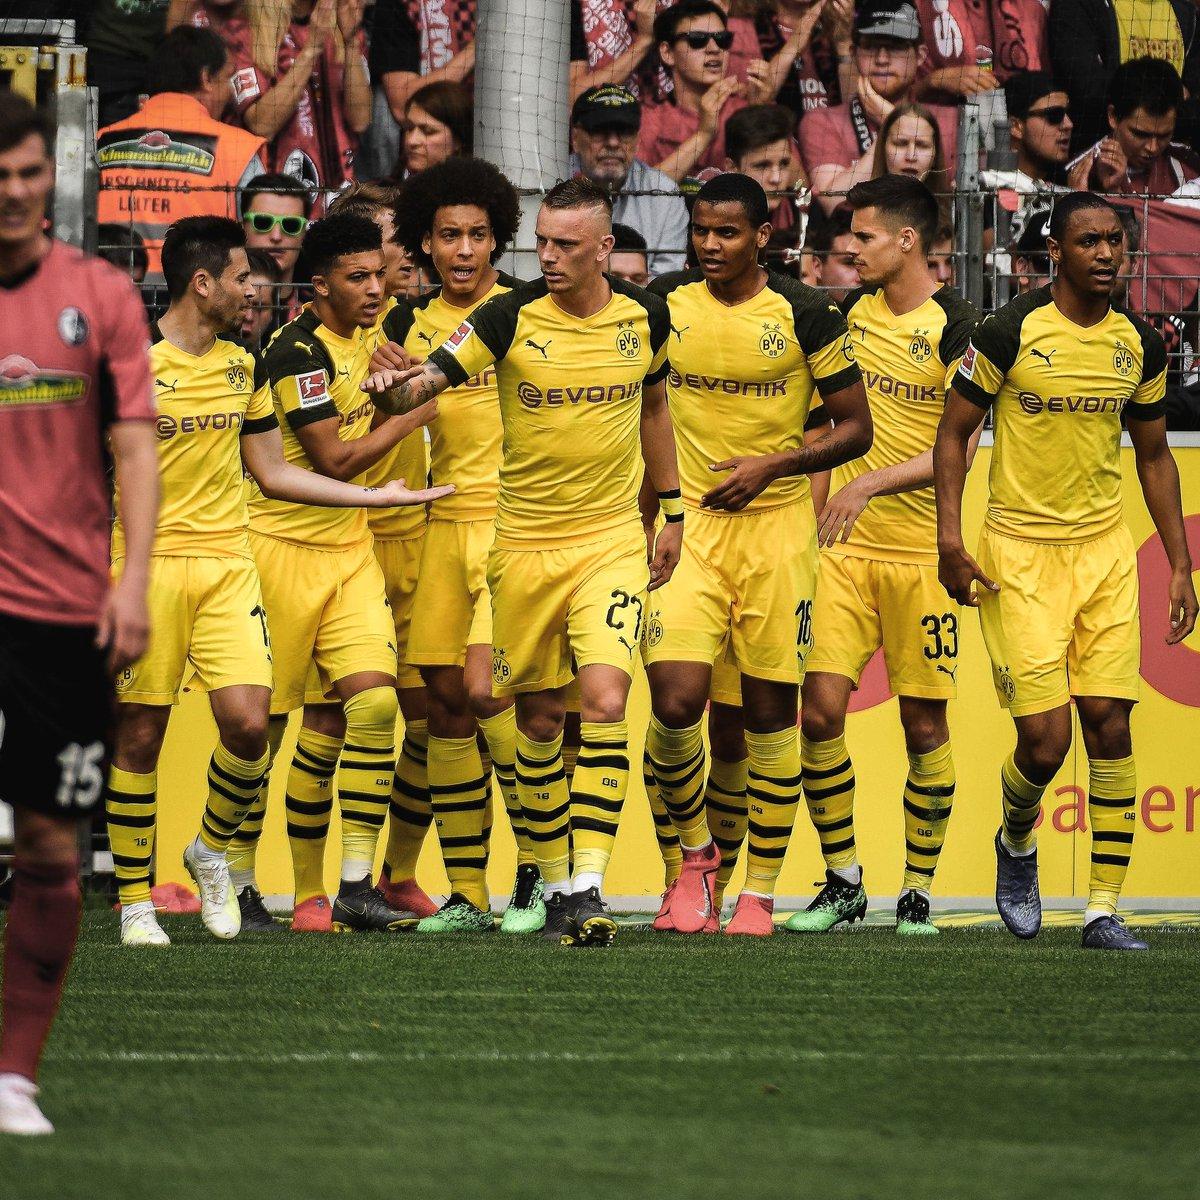 BVB-News und Gerüchte: Bangen um Marius Wolf, Dortmunder Interesse an Liverpool-Talent Camacho?